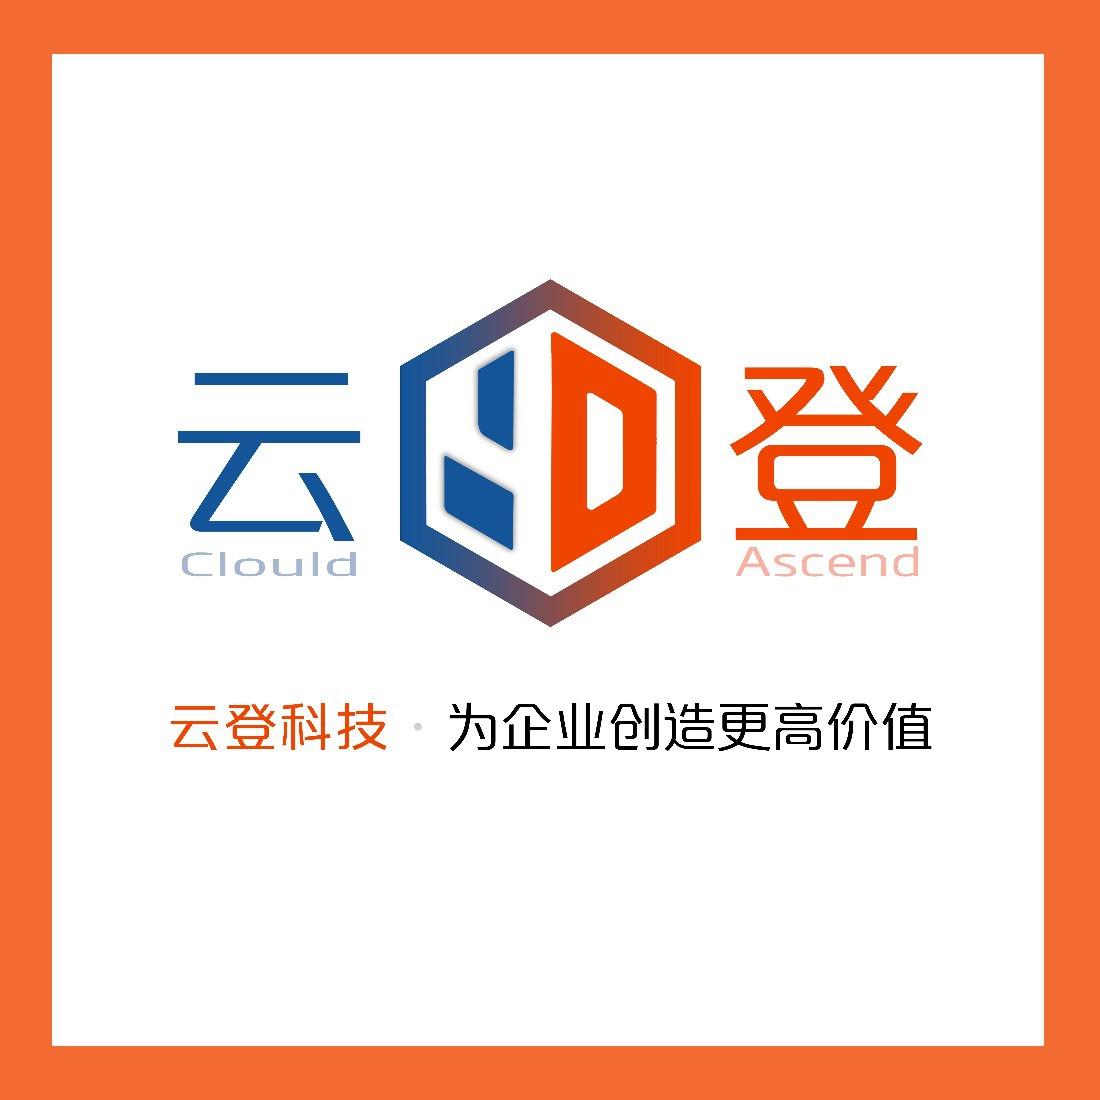 南昌云登科技有限公司